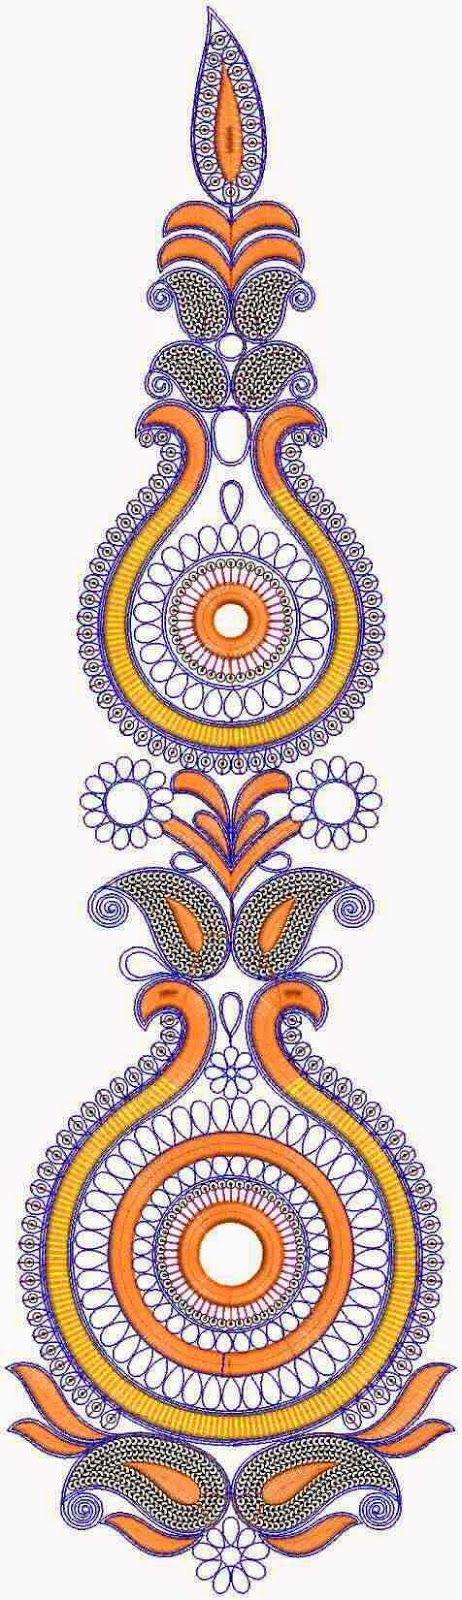 EMBDESIGNTUBE.JPG (462×1600)